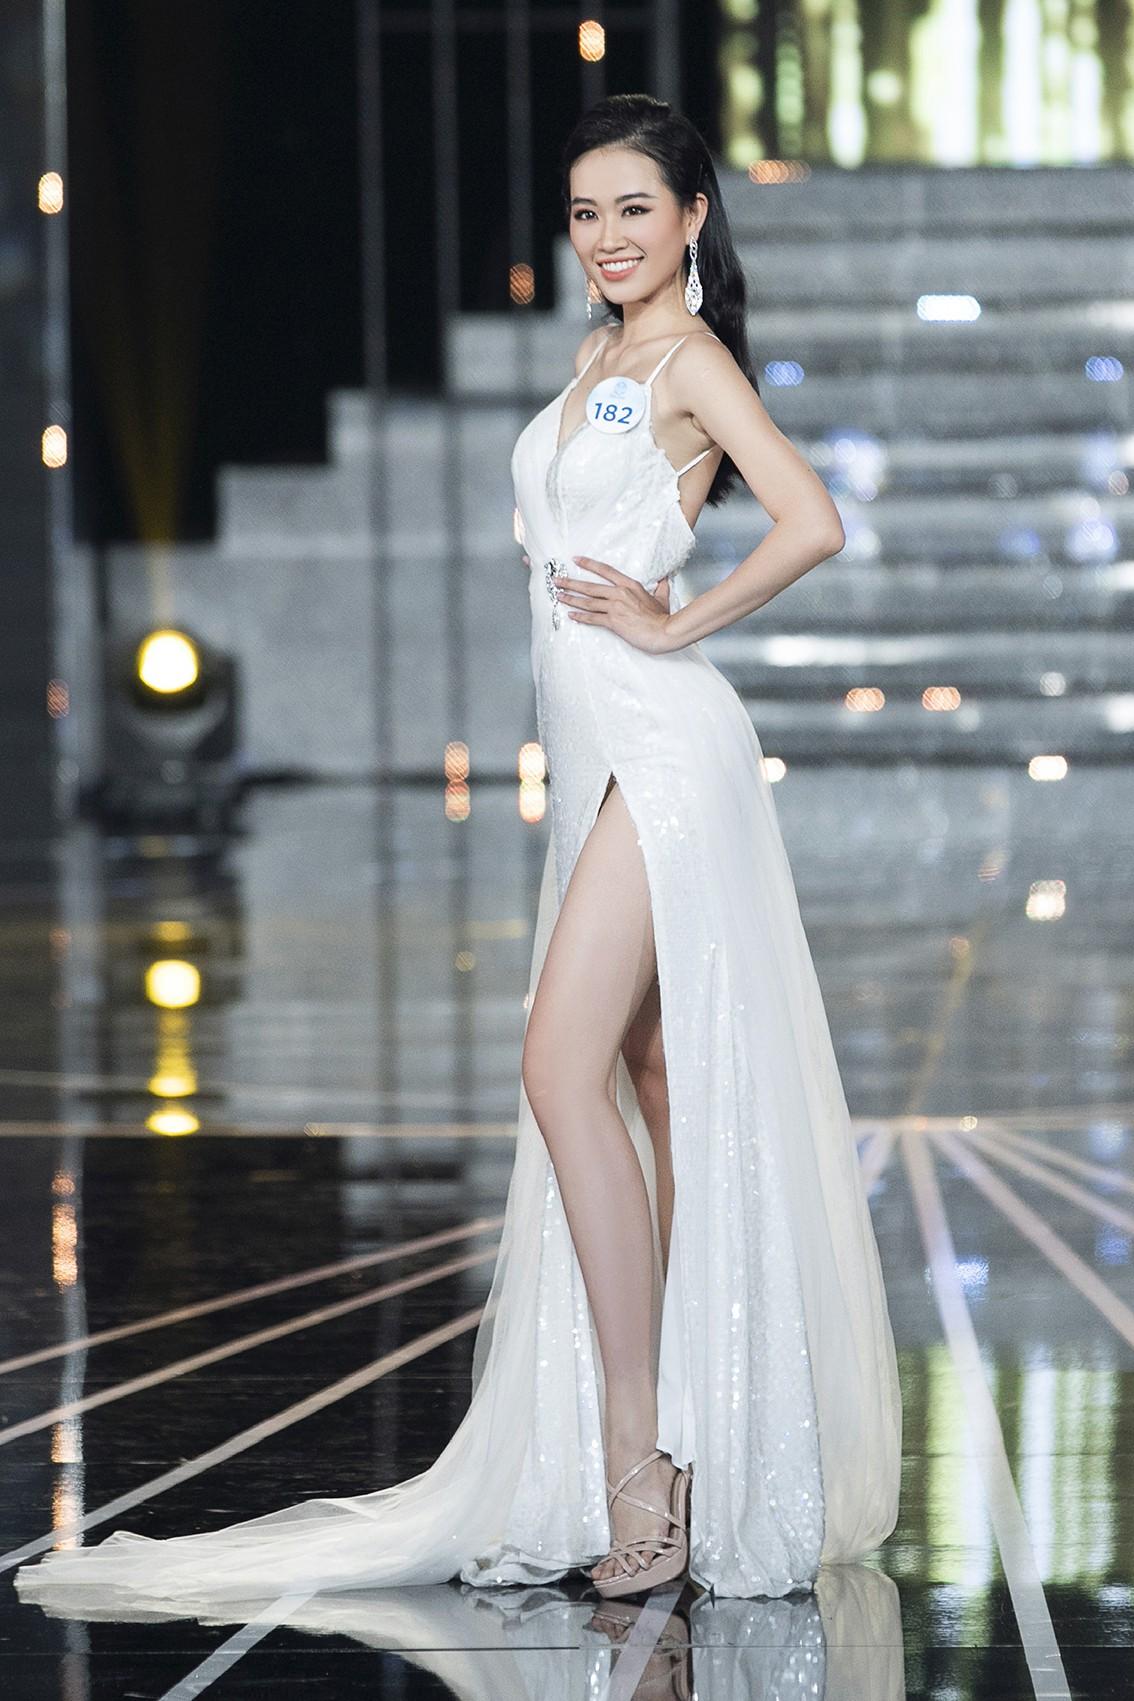 Màn dạ hội bay bổng của NTK Nguyễn Minh Tuấn trong đêm chung khảo phía Nam Miss World Việt Nam 2019 - Ảnh 7.